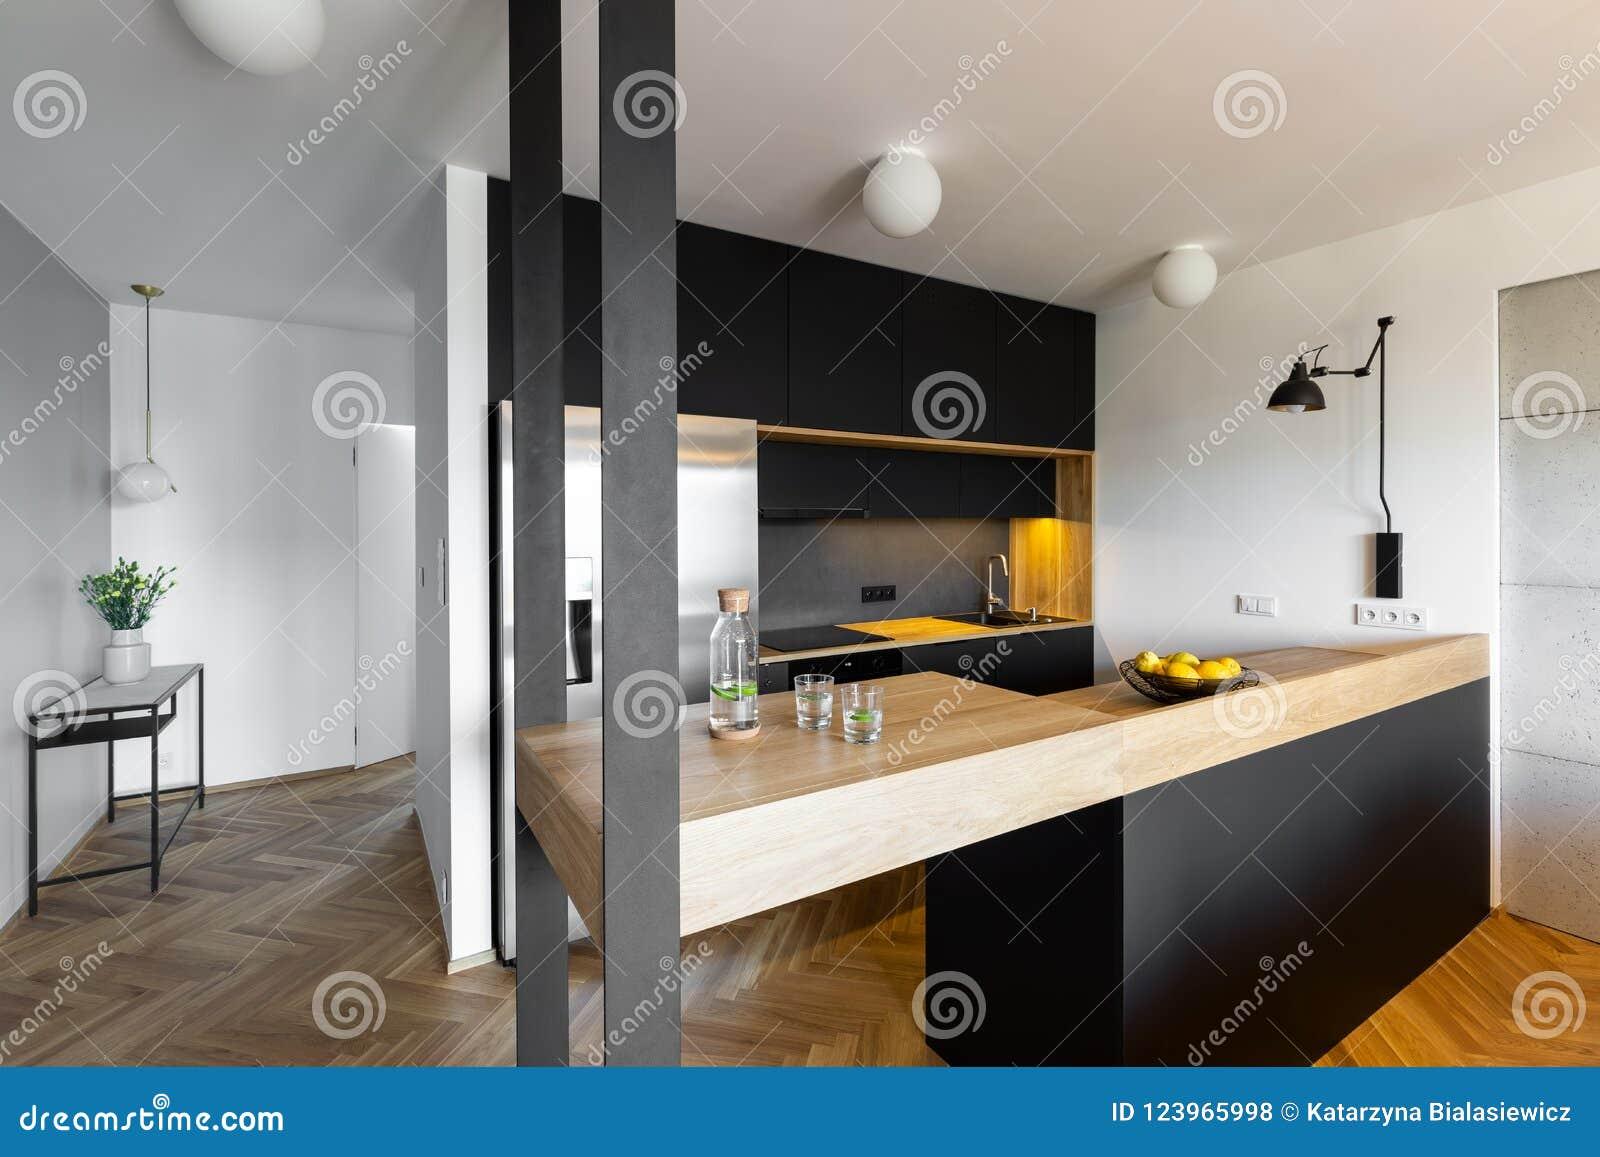 Beige countertop in zwart-wit keukenbinnenland van huiswi